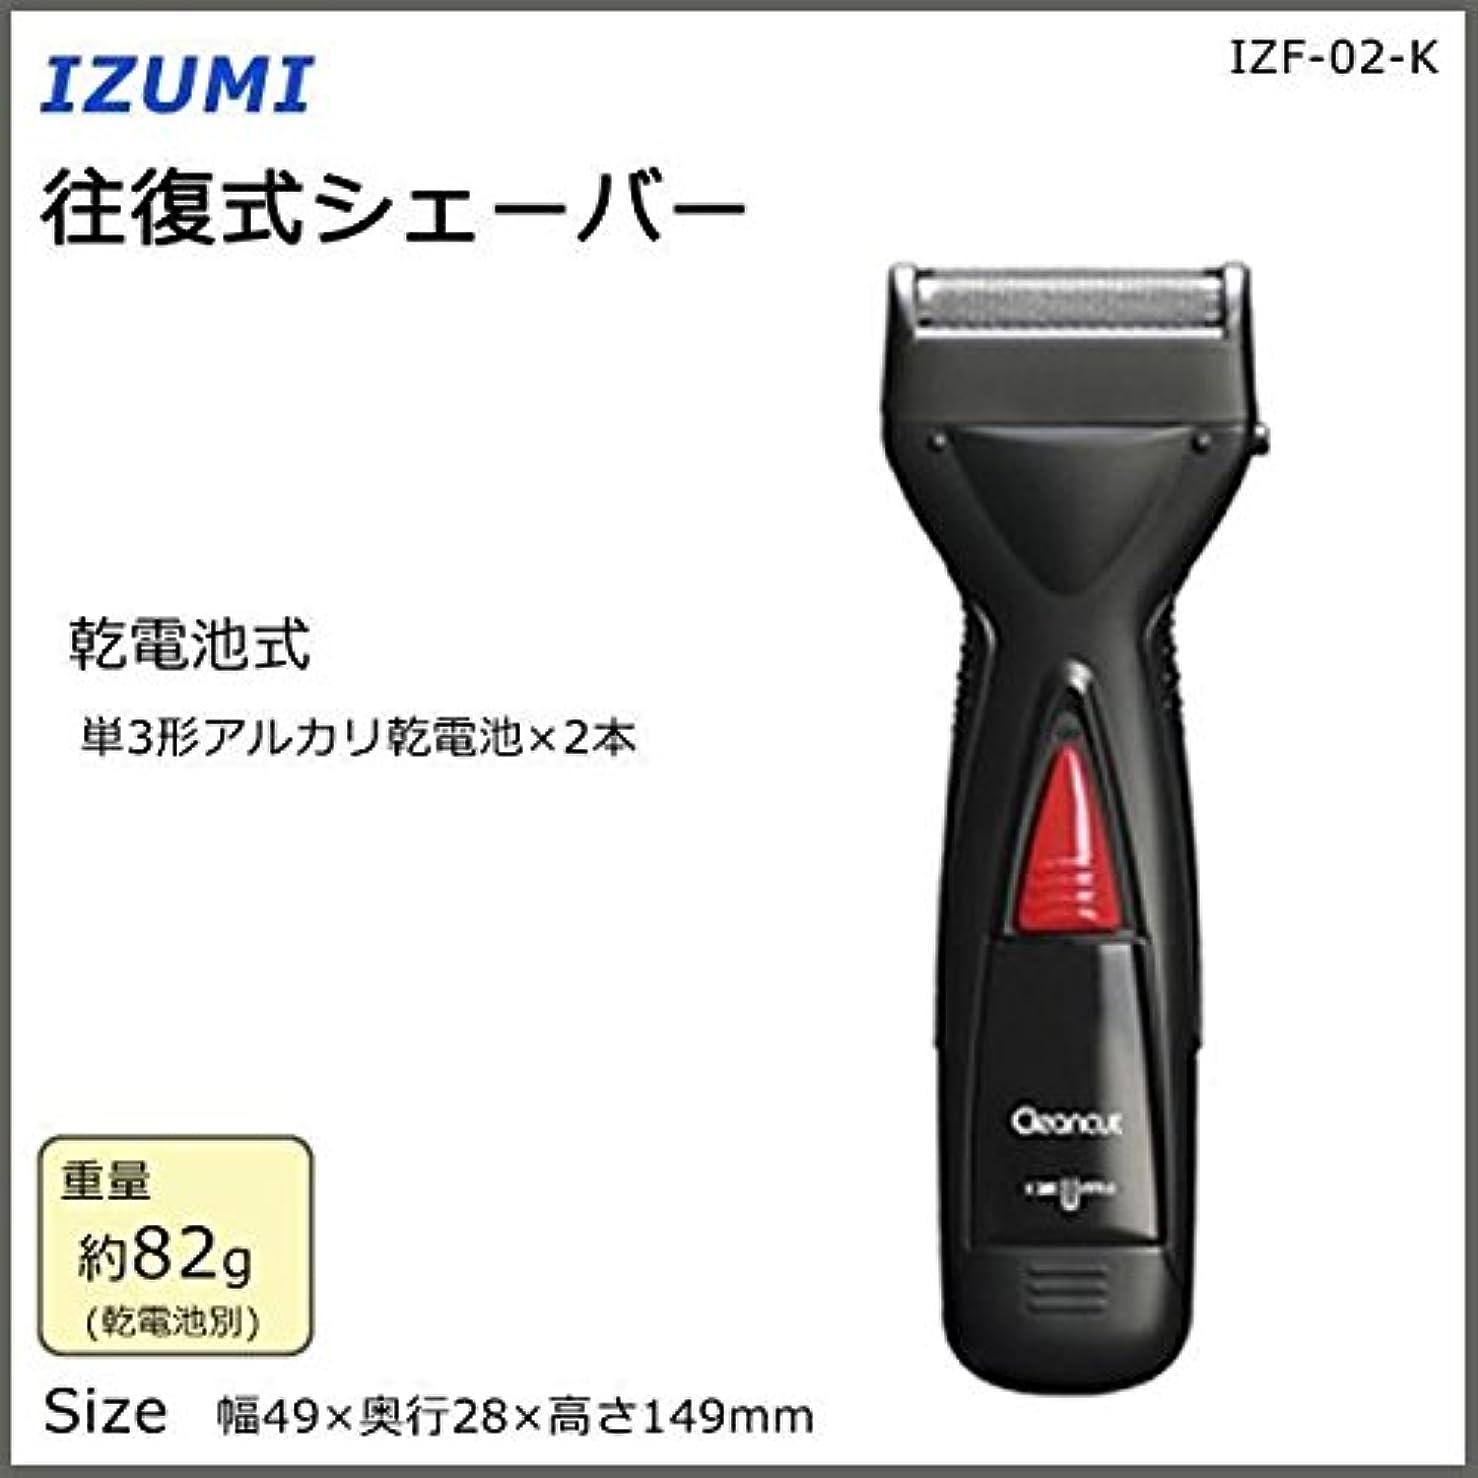 比類のないコマースわざわざIZUMI 往復式シェーバー IZF-02-K